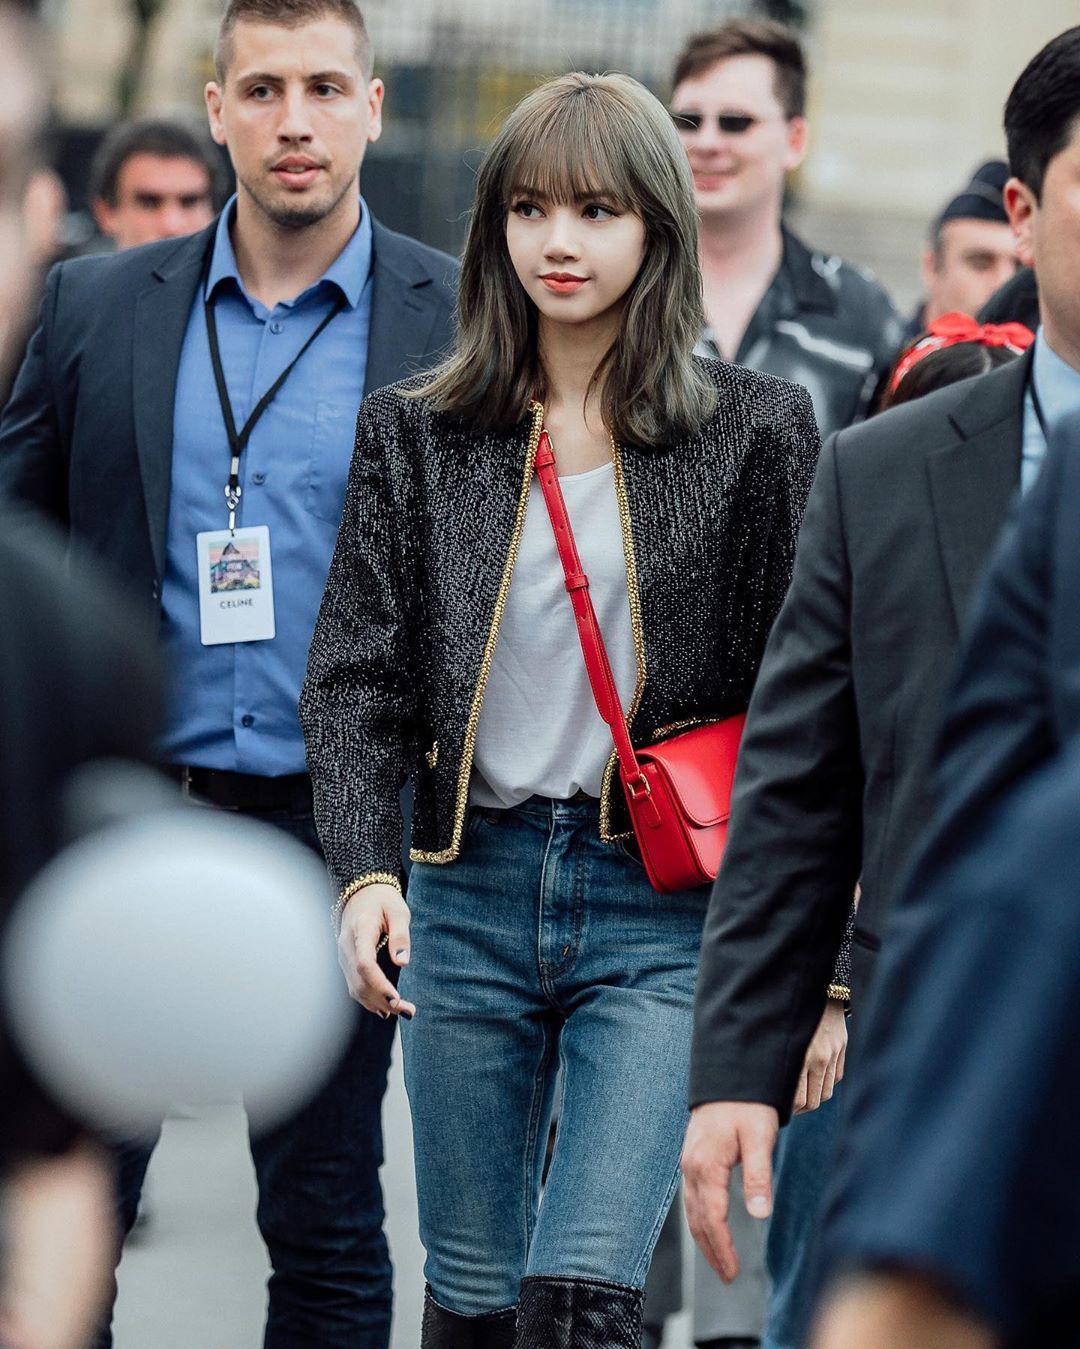 Ngỡ ngàng trước loạt ảnh bùng nổ visual của Lisa (BLACKPINK) tại Paris: Thần thái quyền lực, chân dài khó tin